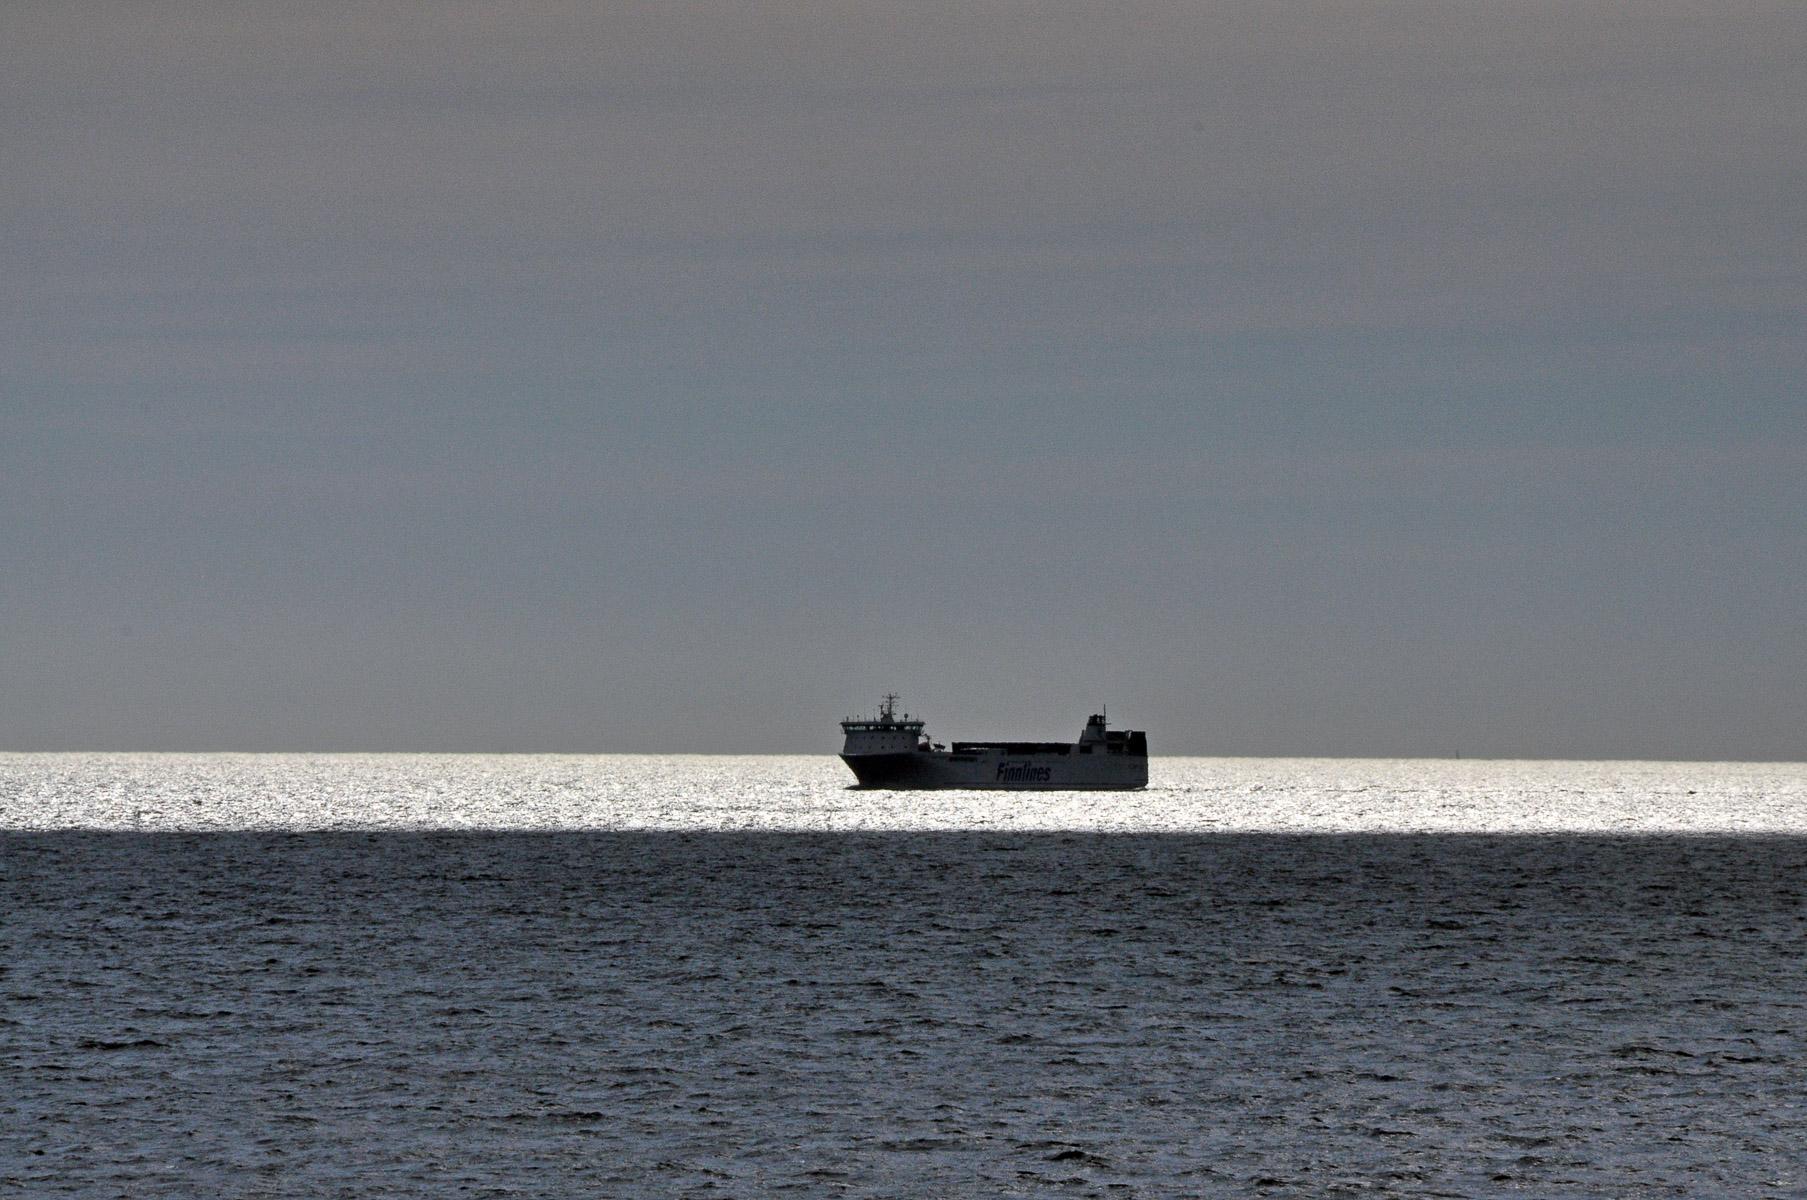 Liner (Foto: Olaf Nagel)